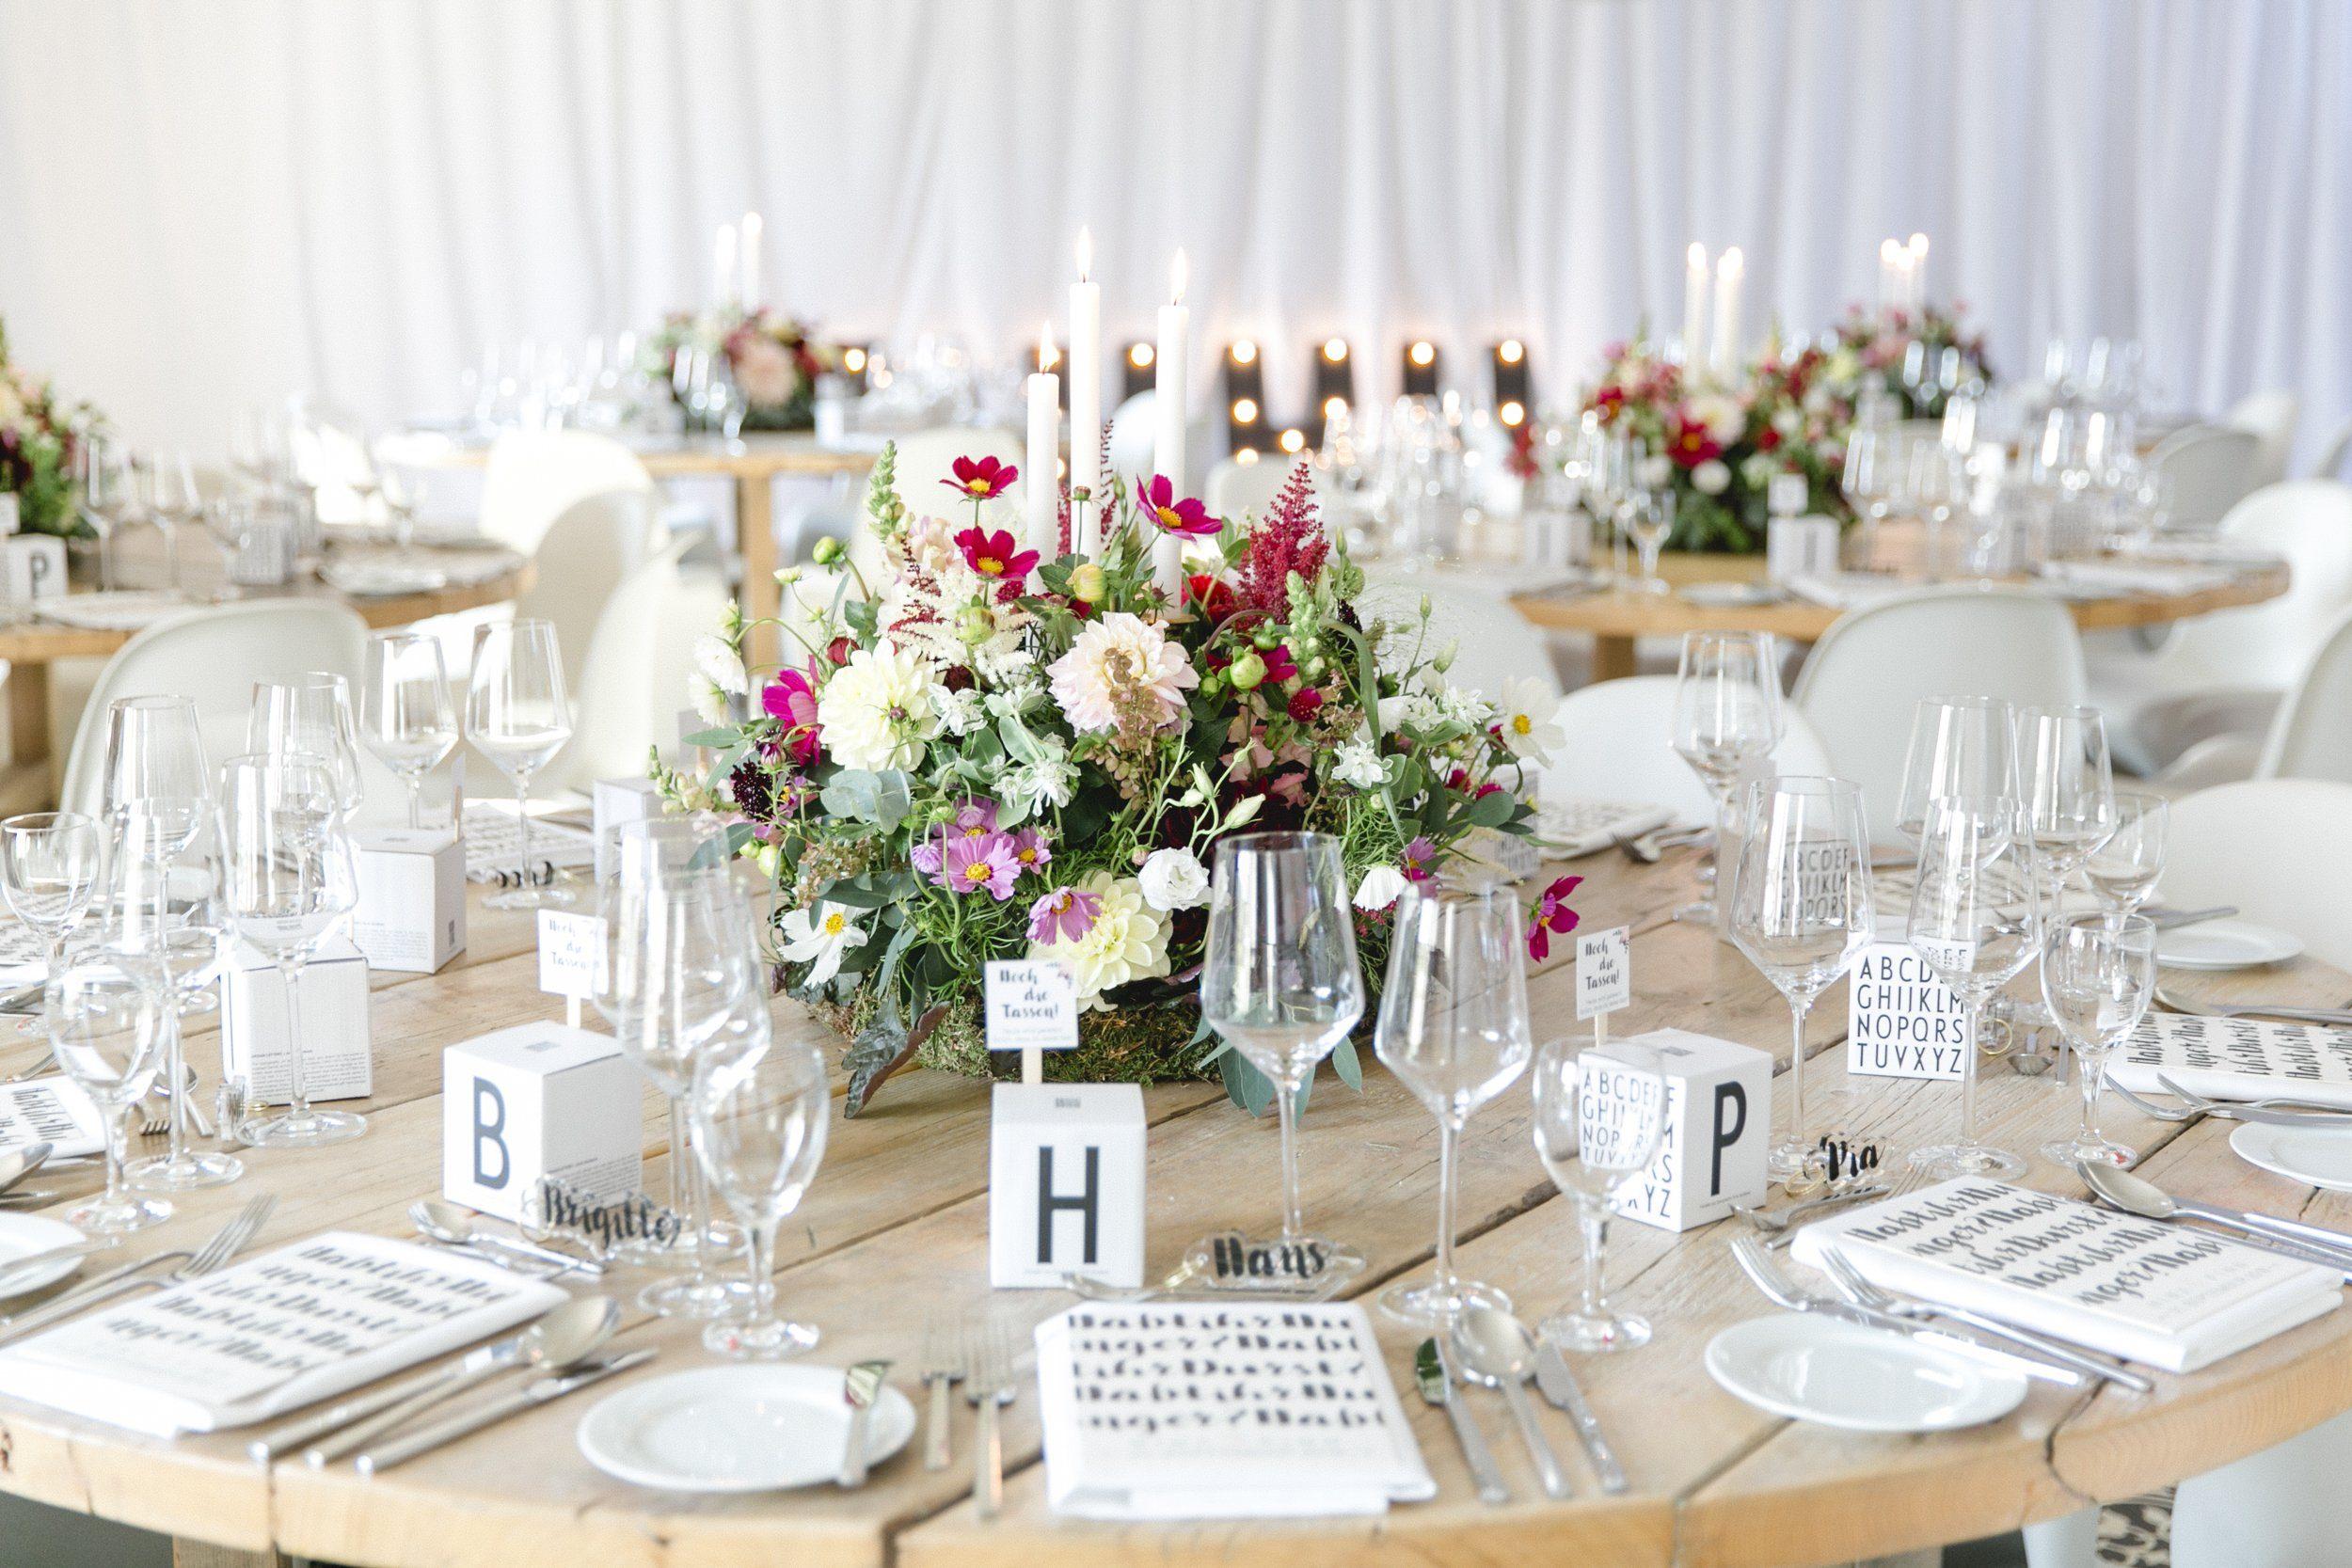 Hochzeitstisch mit üppiger Blumendeko